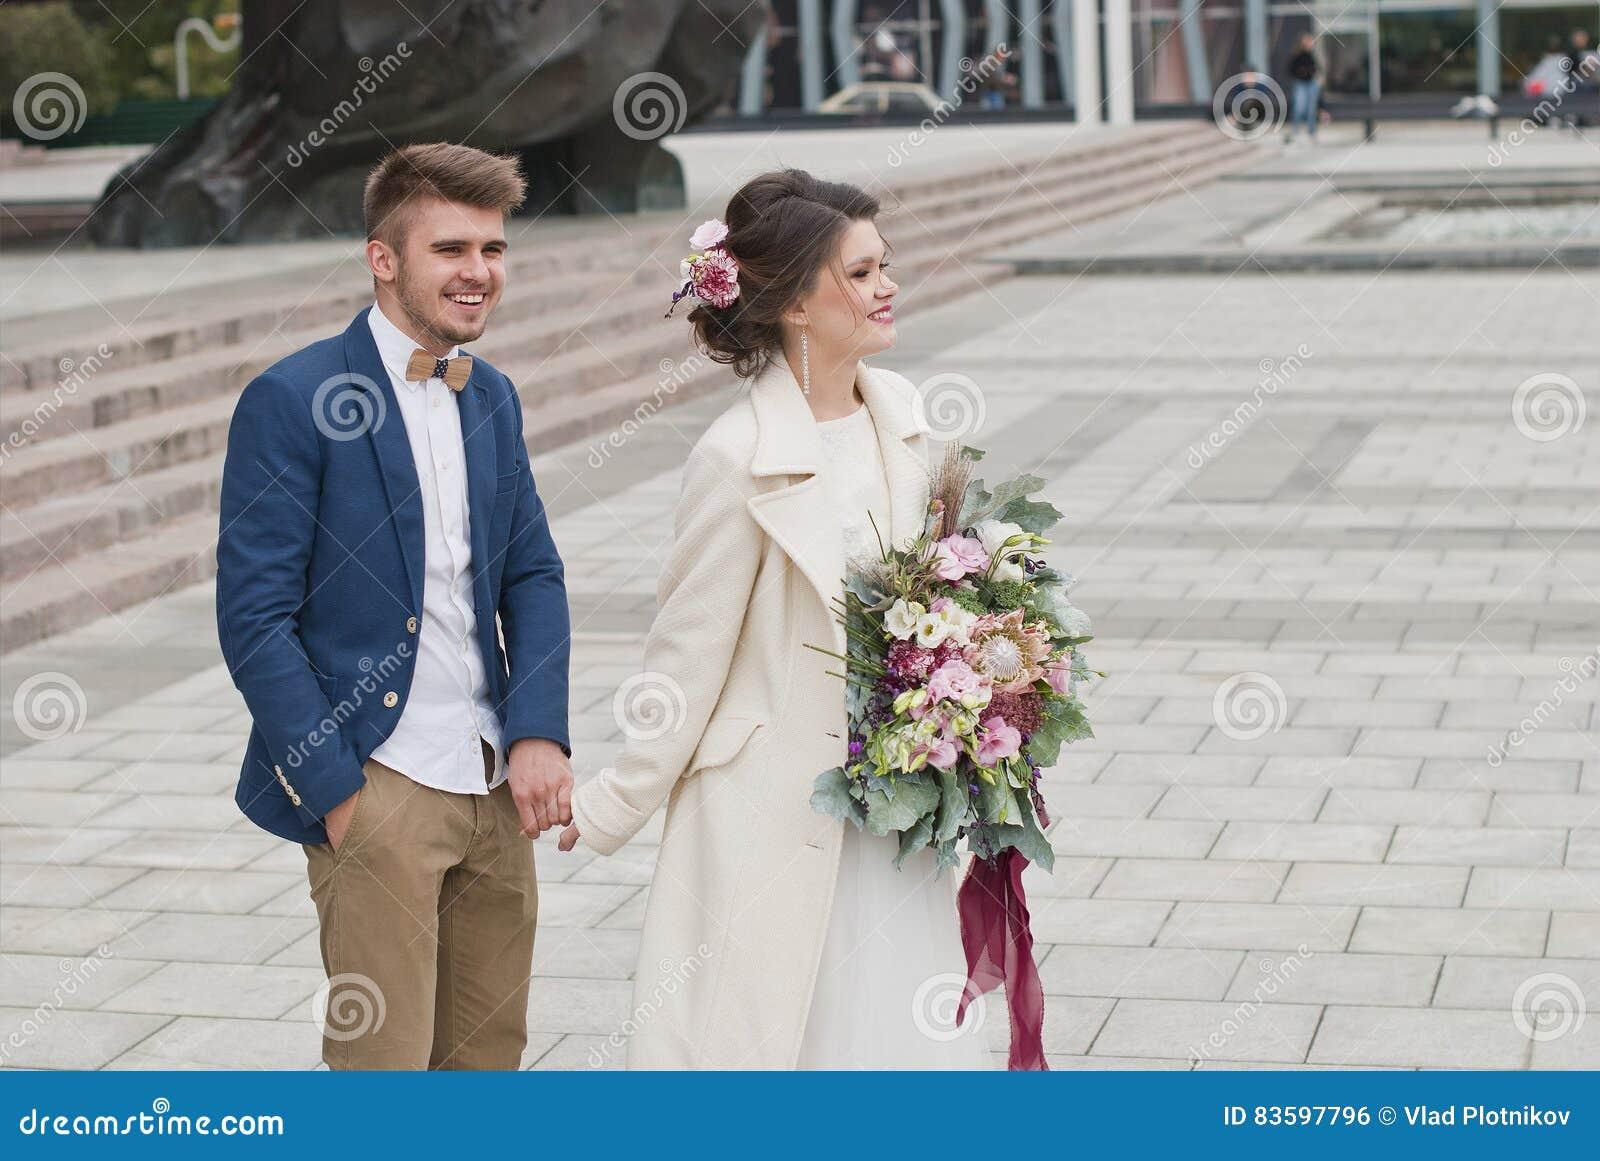 Precis gifta älska par i bröllopsklänning och dräkt Lycklig brud och  brudgum som går att köra 74a3c08ae1622